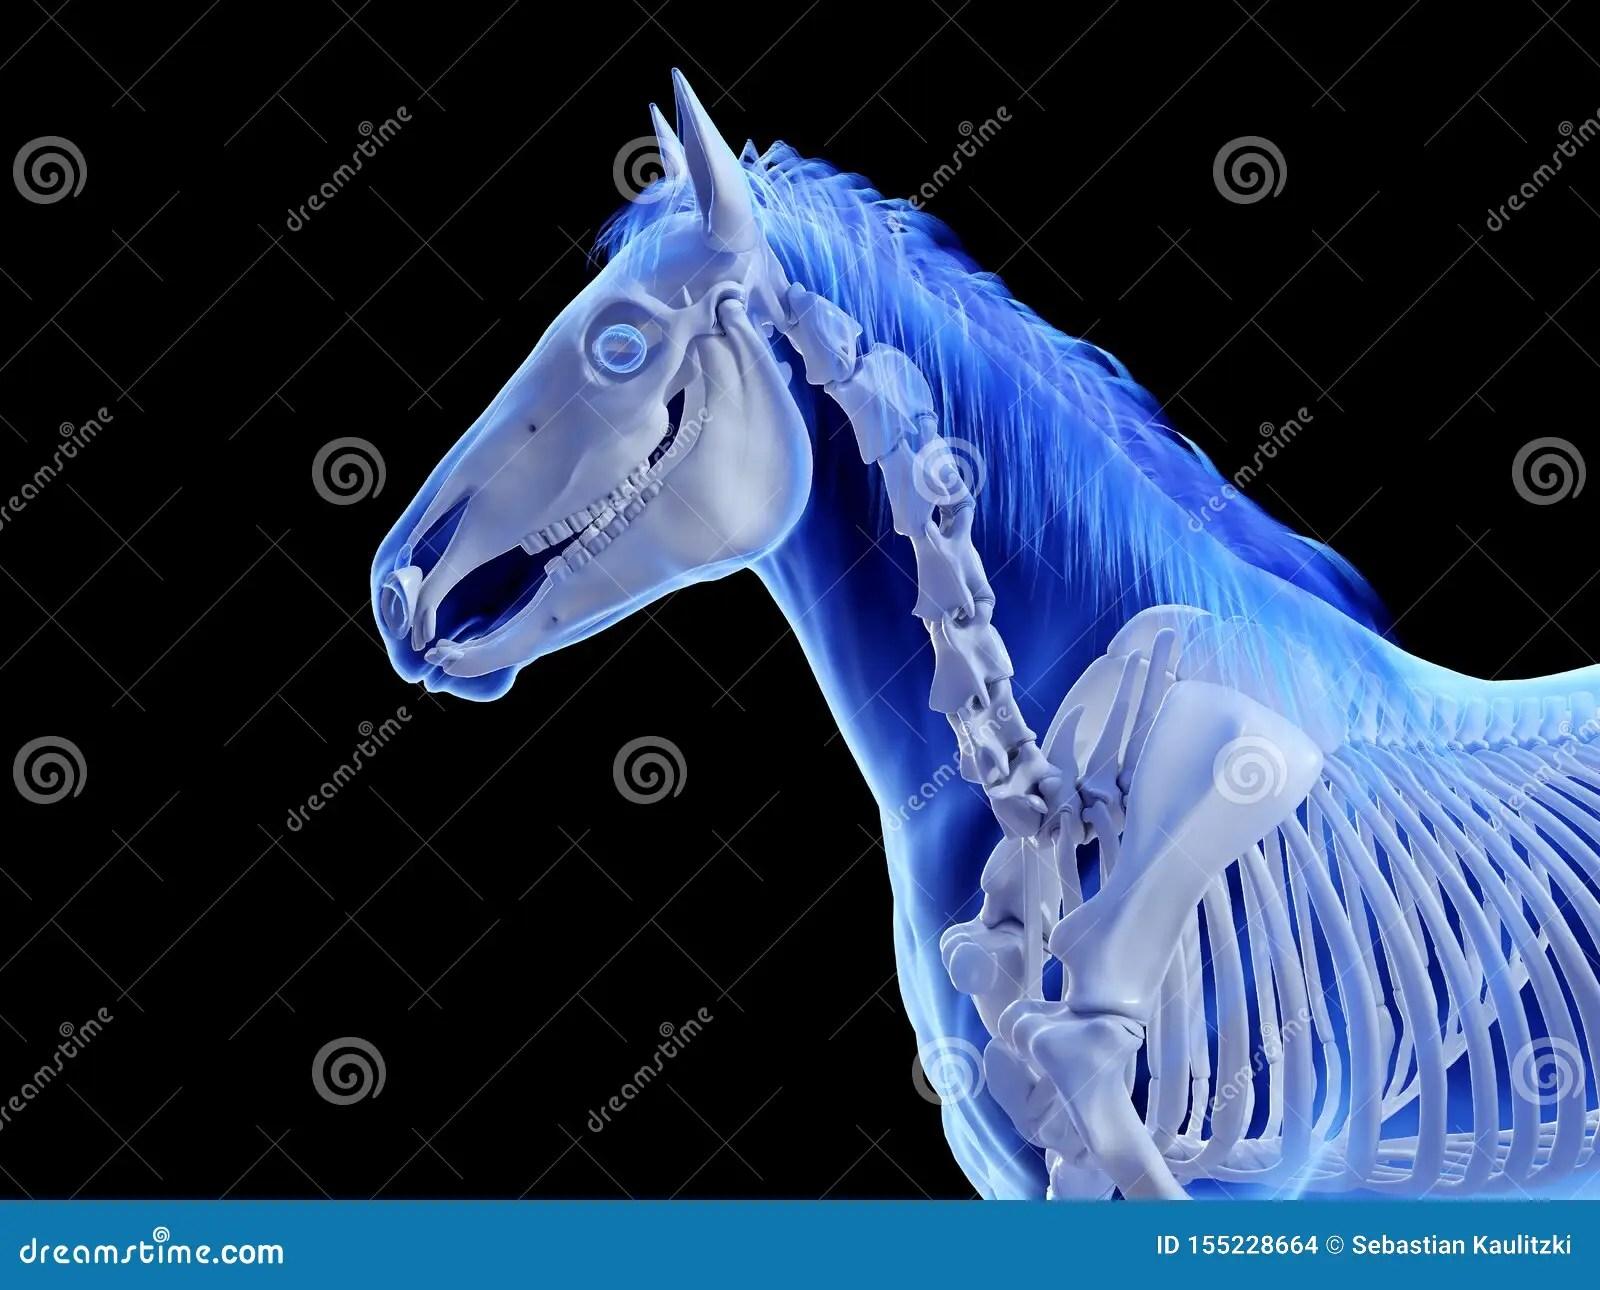 The Equine Skeletal System Stock Illustration